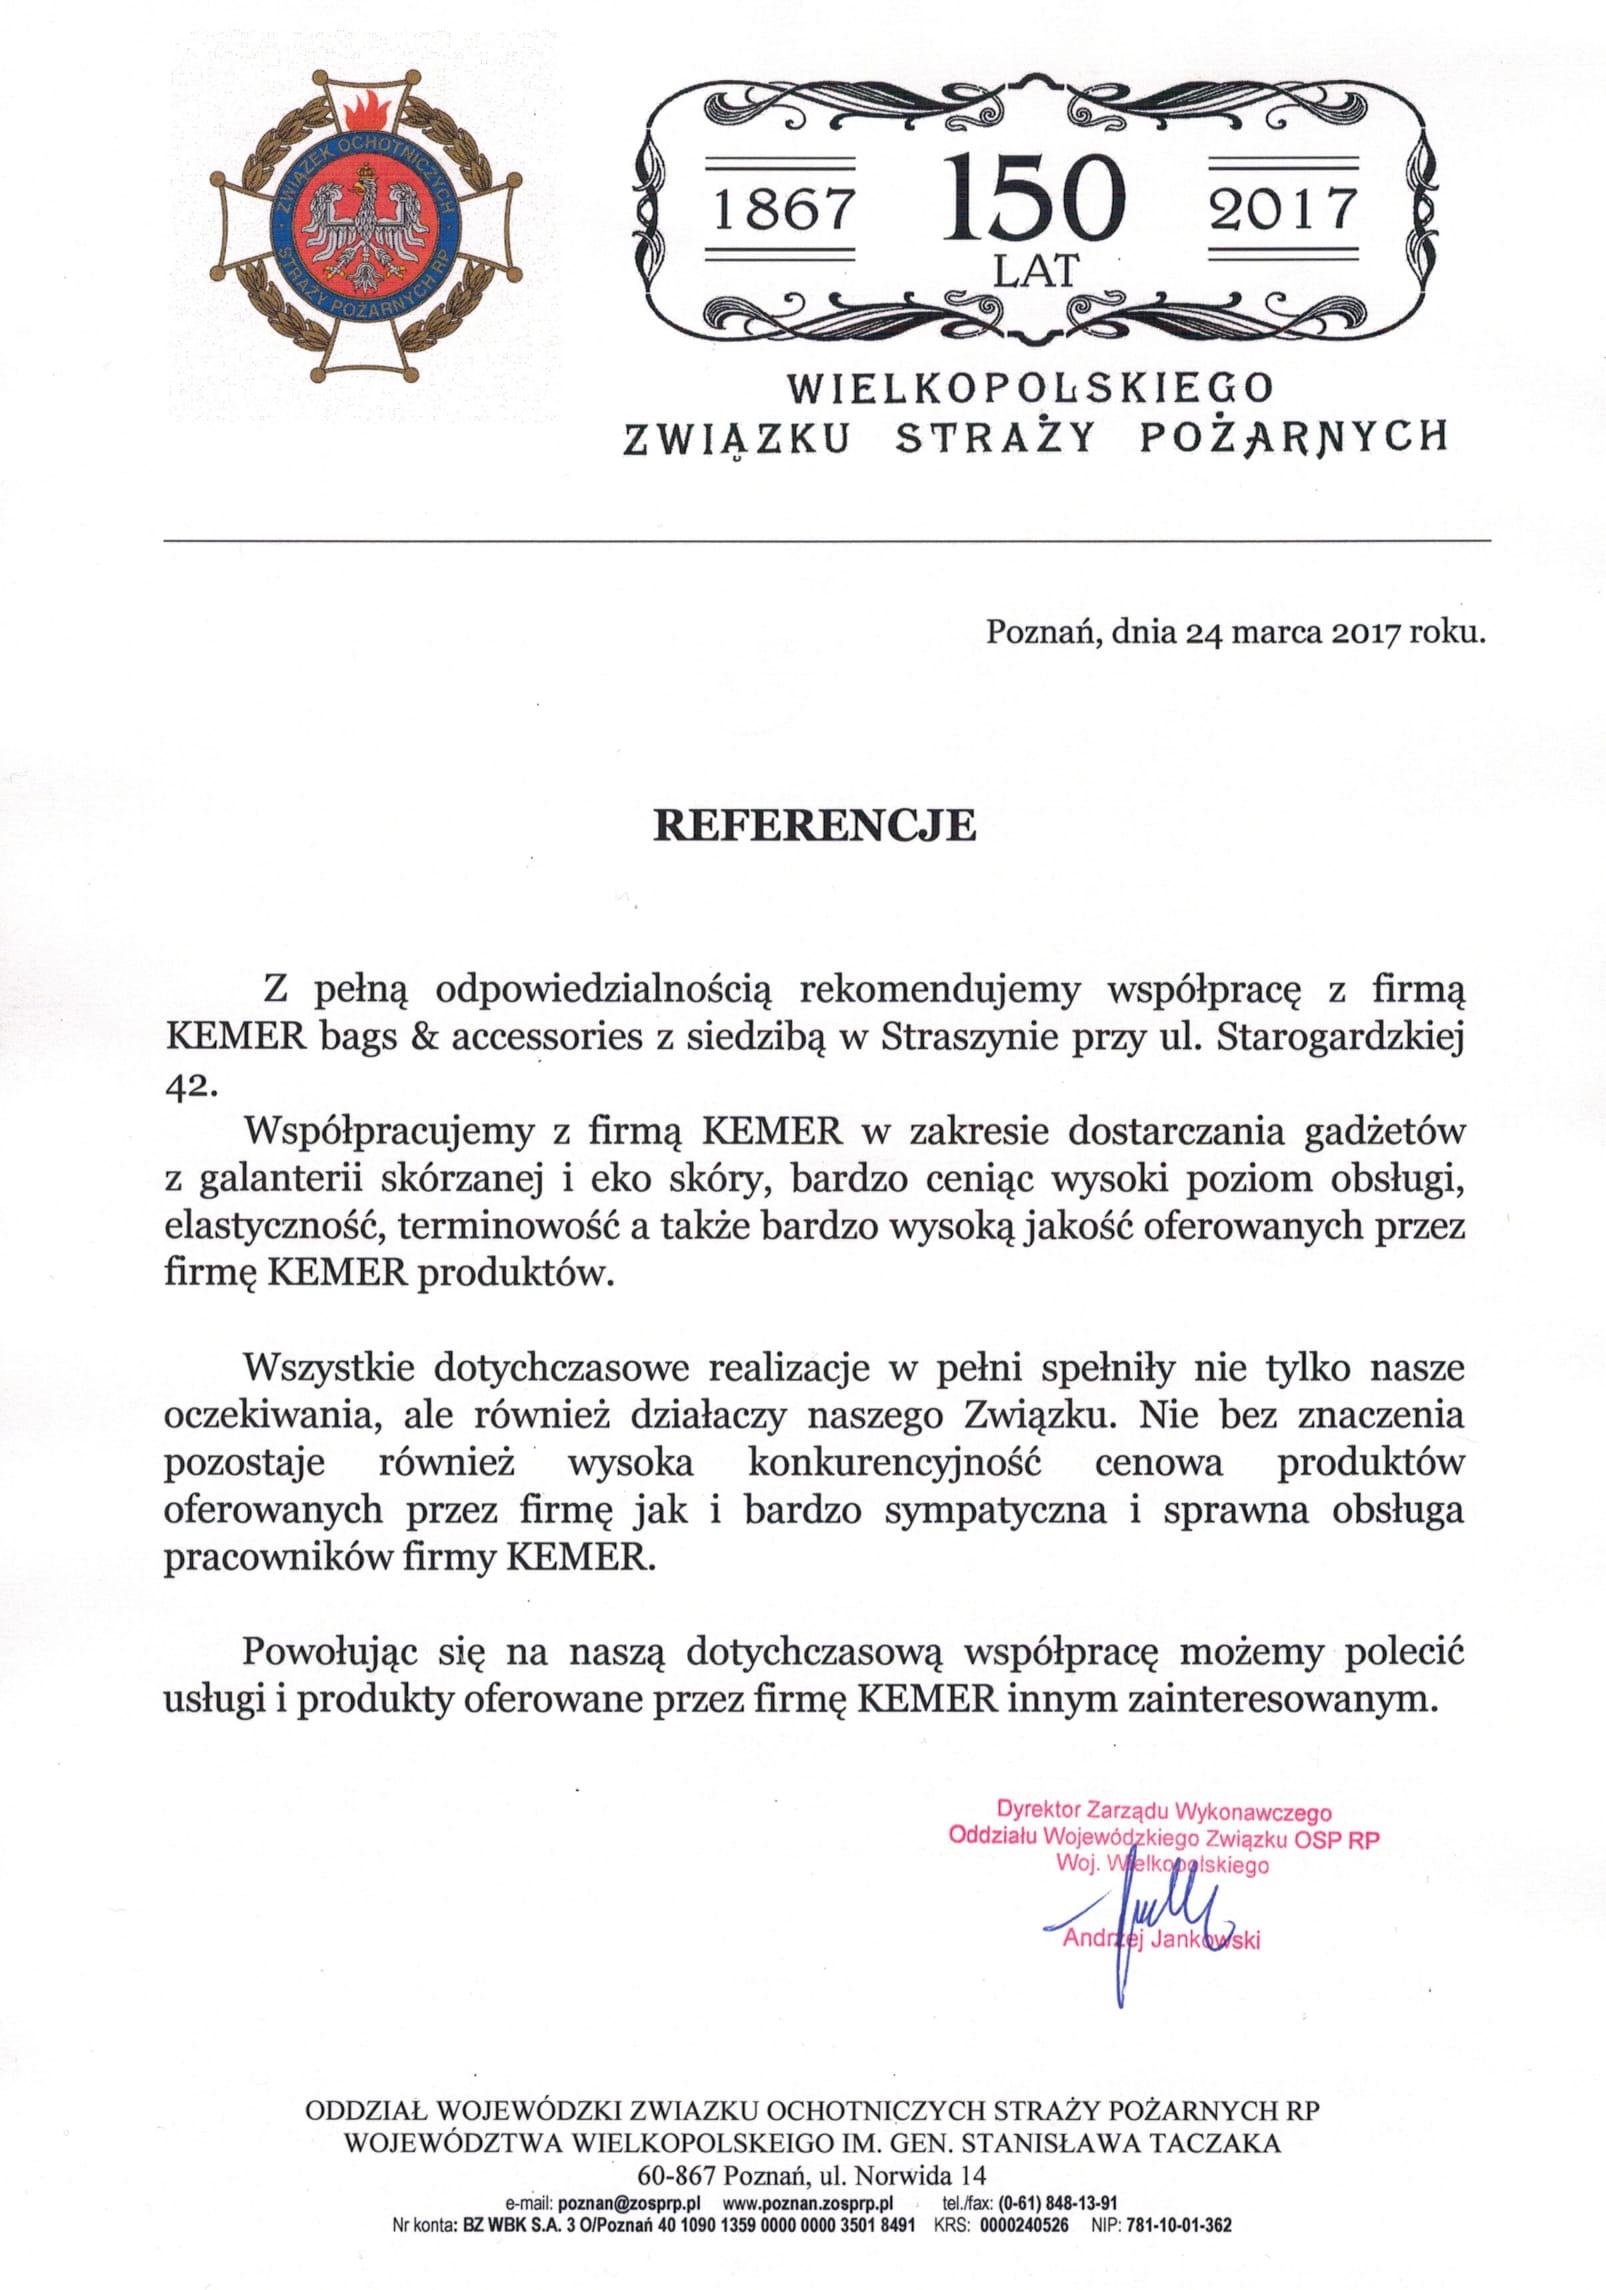 Wielkopolski Związek Staży Pożarnych